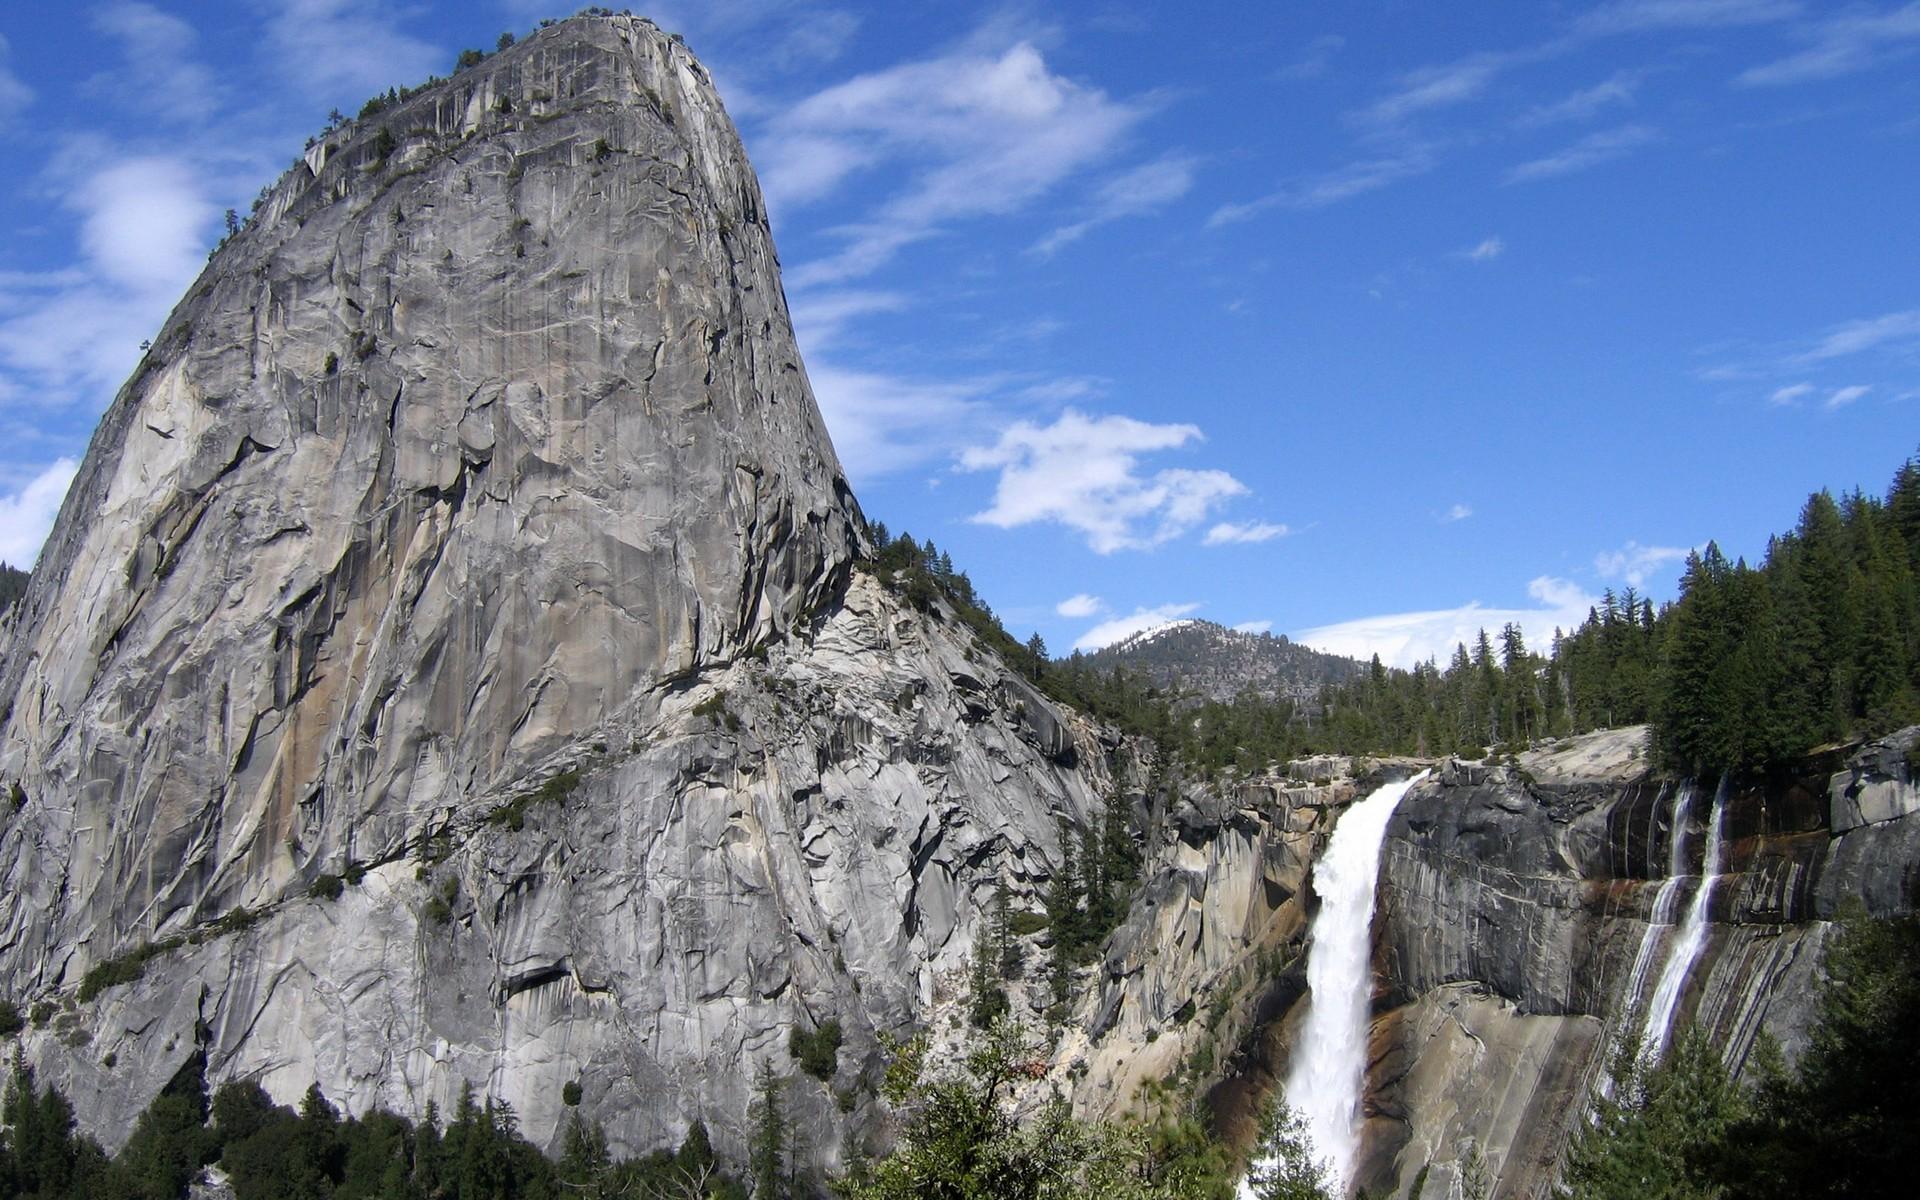 waterfall wallpapers awesp,e